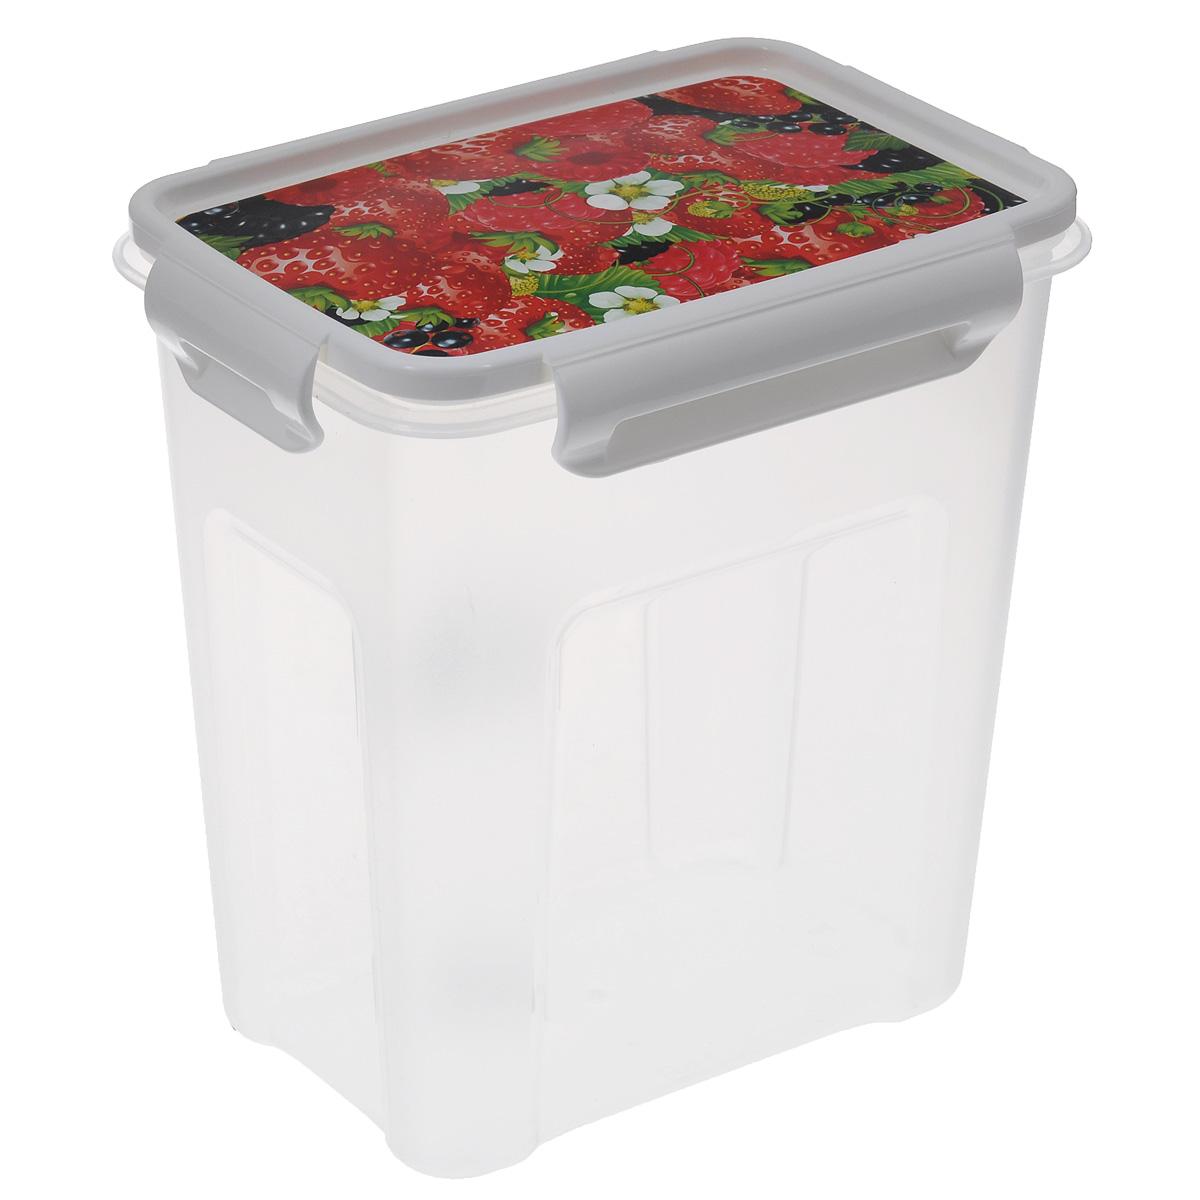 Контейнер Полимербыт Лок декор, 1,8 л477980 черныйКонтейнер Полимербыт Лок декор прямоугольной формы, изготовленный из прочного пластика, предназначен специально для хранения пищевых продуктов. Крышка, декорированная изображением ягод, легко открывается и плотно закрывается.Контейнер устойчив к воздействию масел и жиров, легко моется. Прозрачные стенки позволяют видеть содержимое. Контейнер имеет возможность хранения продуктов глубокой заморозки, обладает высокой прочностью. Можно мыть в посудомоечной машине. Подходит для использования в микроволновых печах.